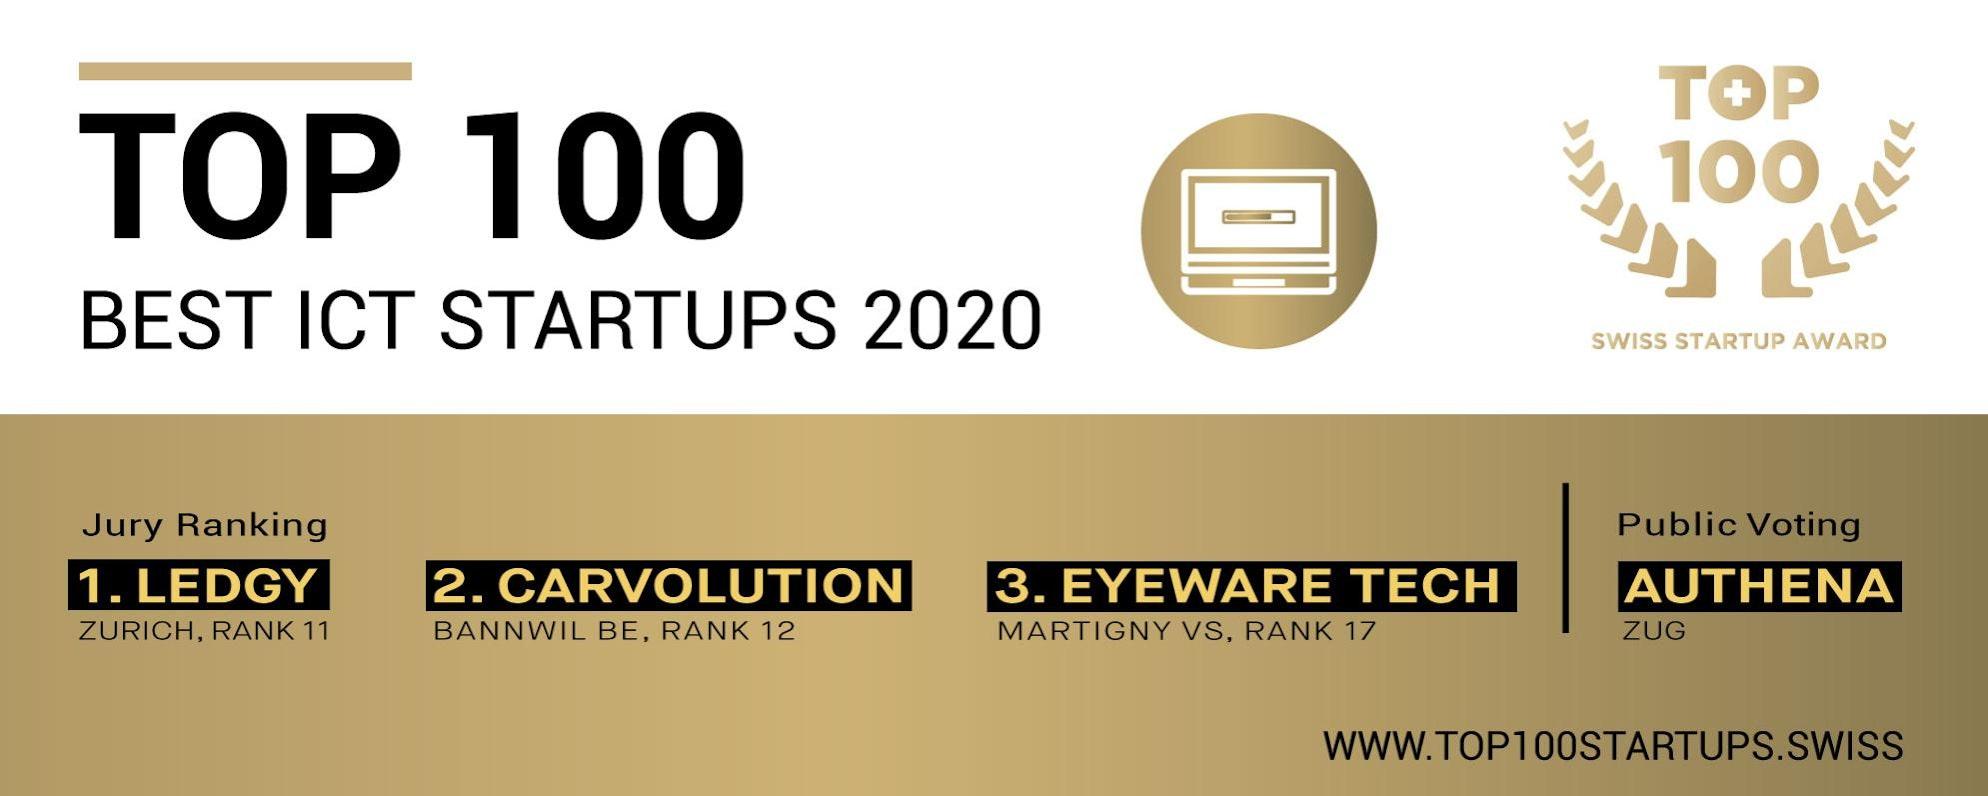 Switzerland's TOP ICT startups 2020